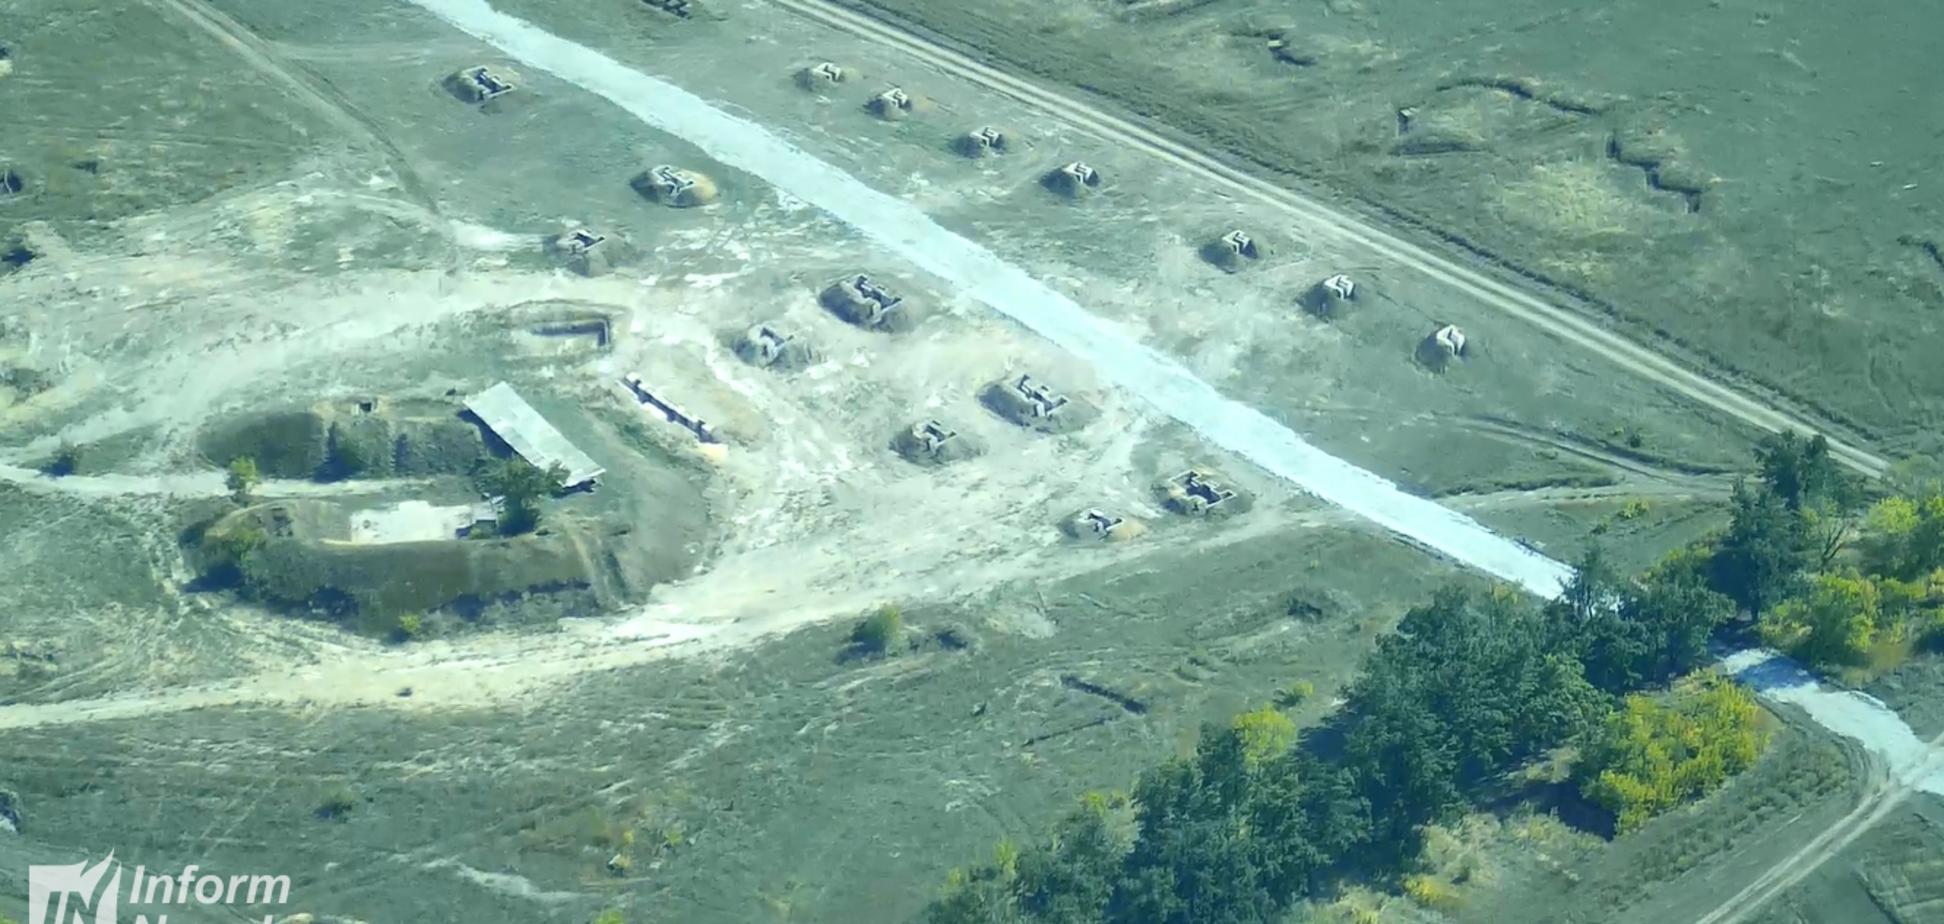 Зняли з дрона: аеророзвідка показала заборонені бойові машини окупантів на Донбасі